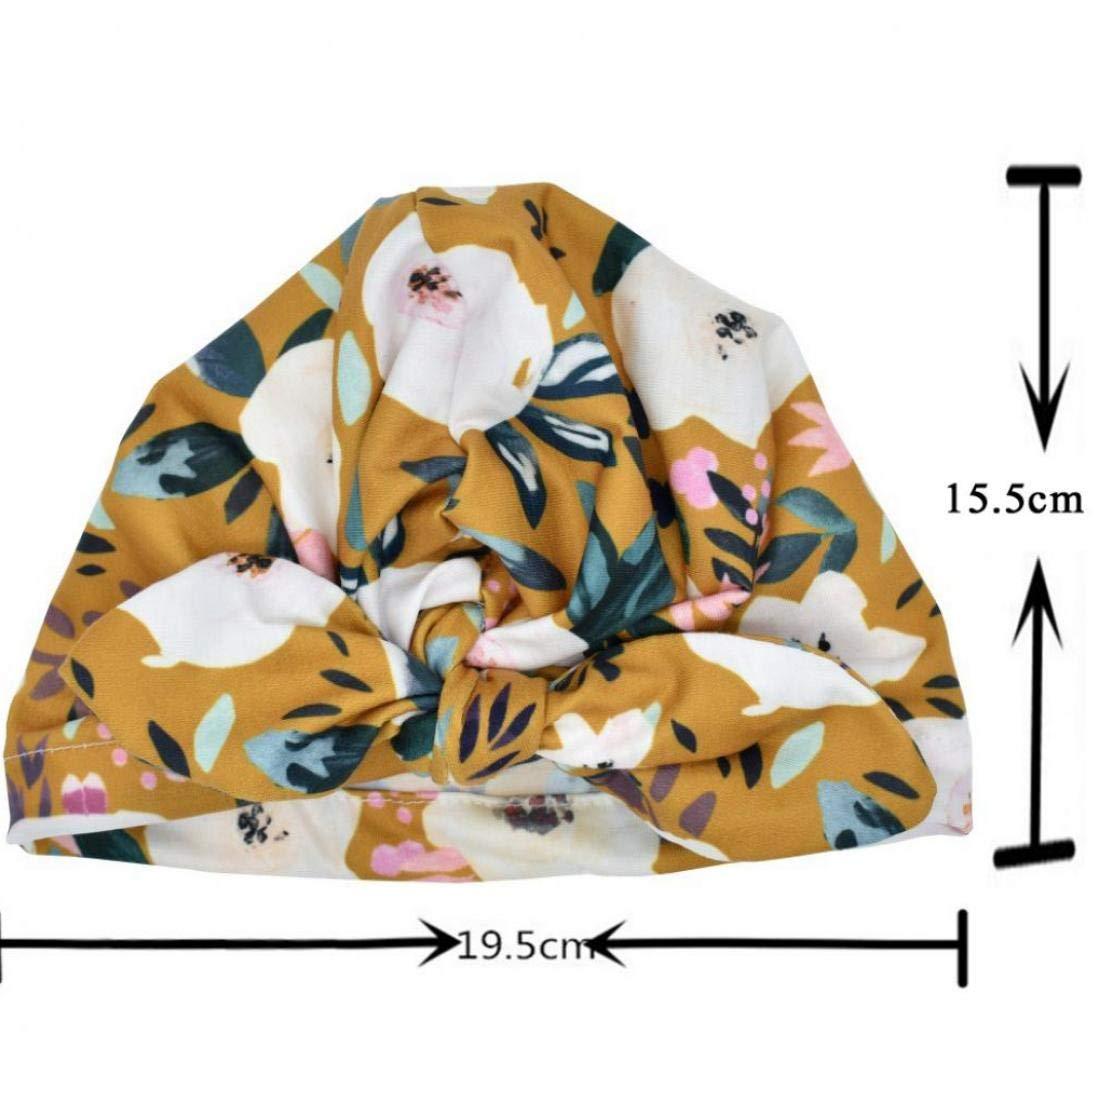 Cappello Neonata con Le Orecchie di Coniglio Cappello Toddlers Morbida Turbante Fiore Knot Bow cap Headwrap per Infante Appena Nato